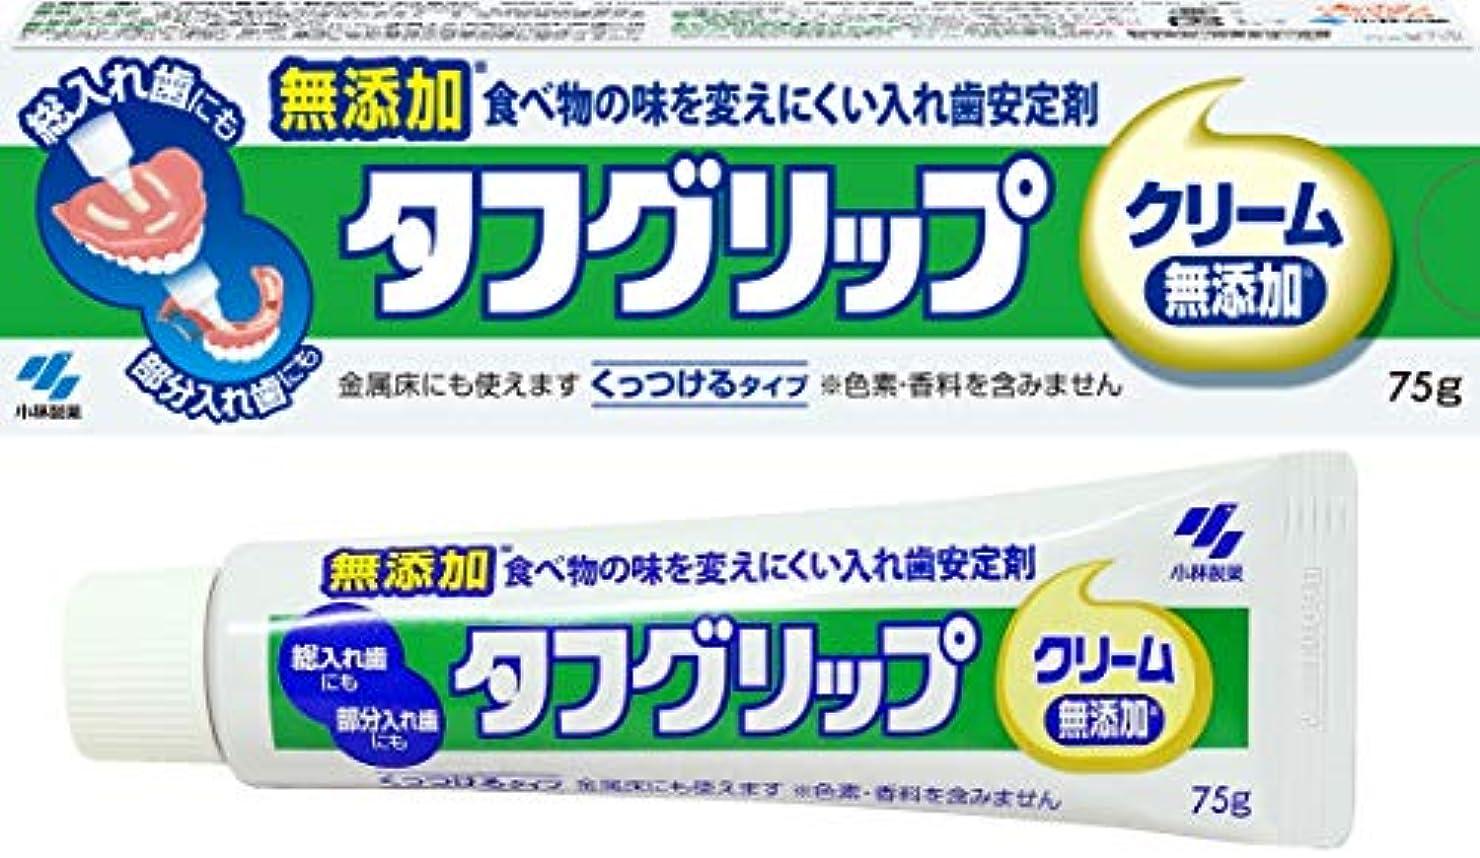 パンフレット偶然の不健全タフグリップクリーム 入れ歯安定剤(総入れ歯?部分入れ歯) 無添加  75g